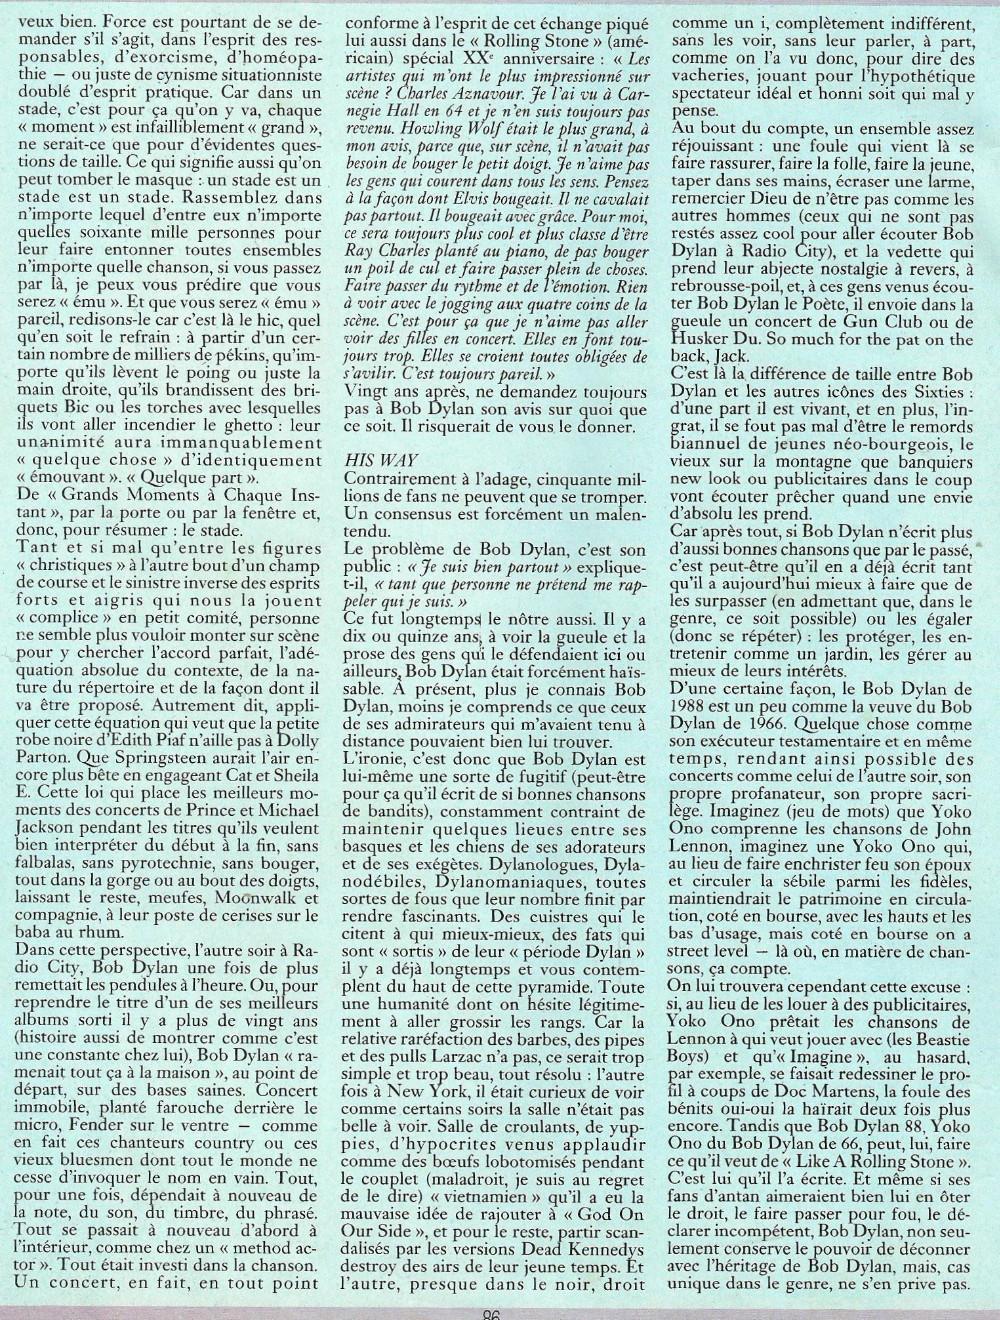 """BOB DYLAN, TOM PETTY & THE HEARTBREAKERS par LAURENT CHALUMEAU 1987 (""""Rock Folk"""") 16112708465920773814663433"""